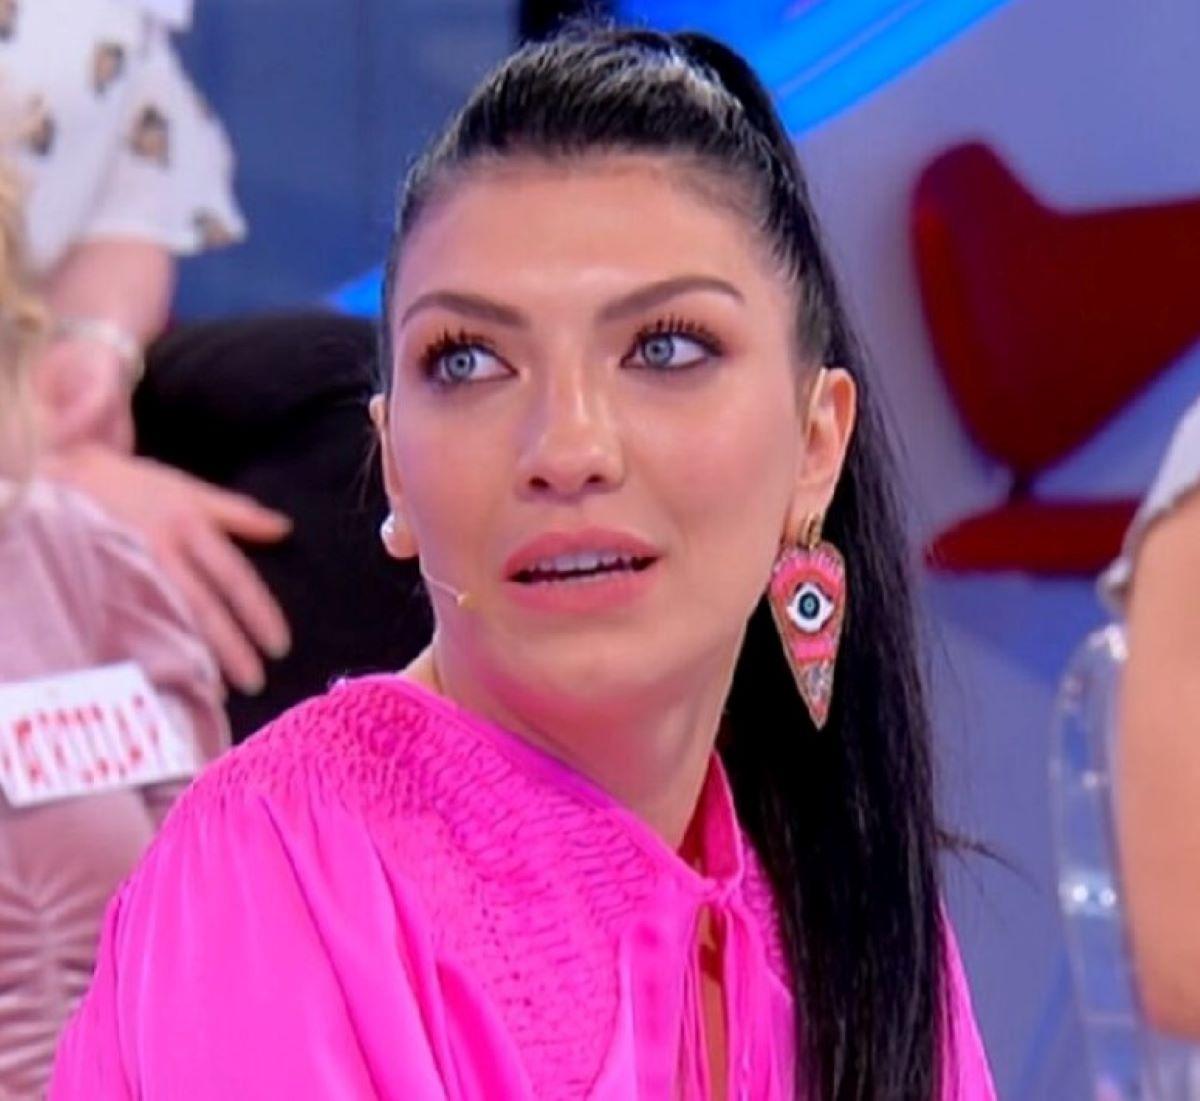 Giovanna Abate UeD Operata Polipetti Complicazioni